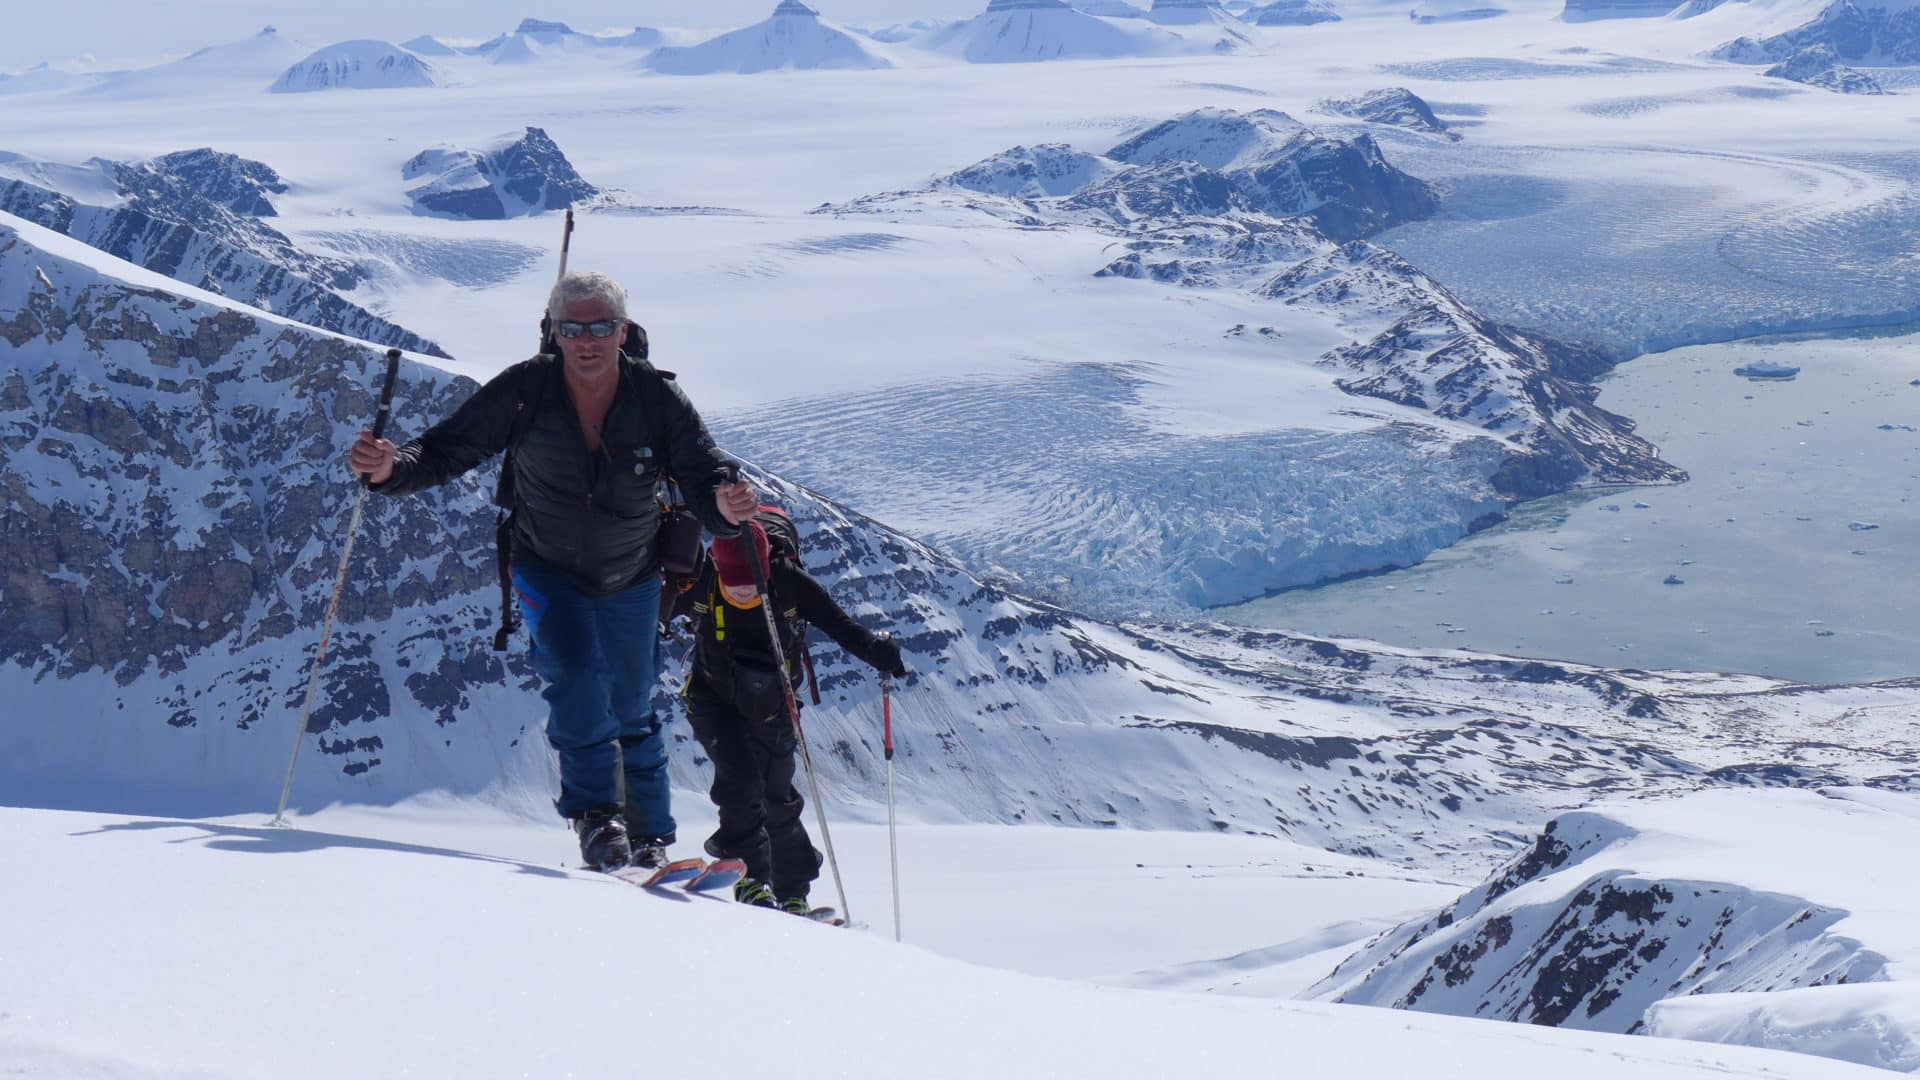 Ski touring in Spitsbergen, Svalbard